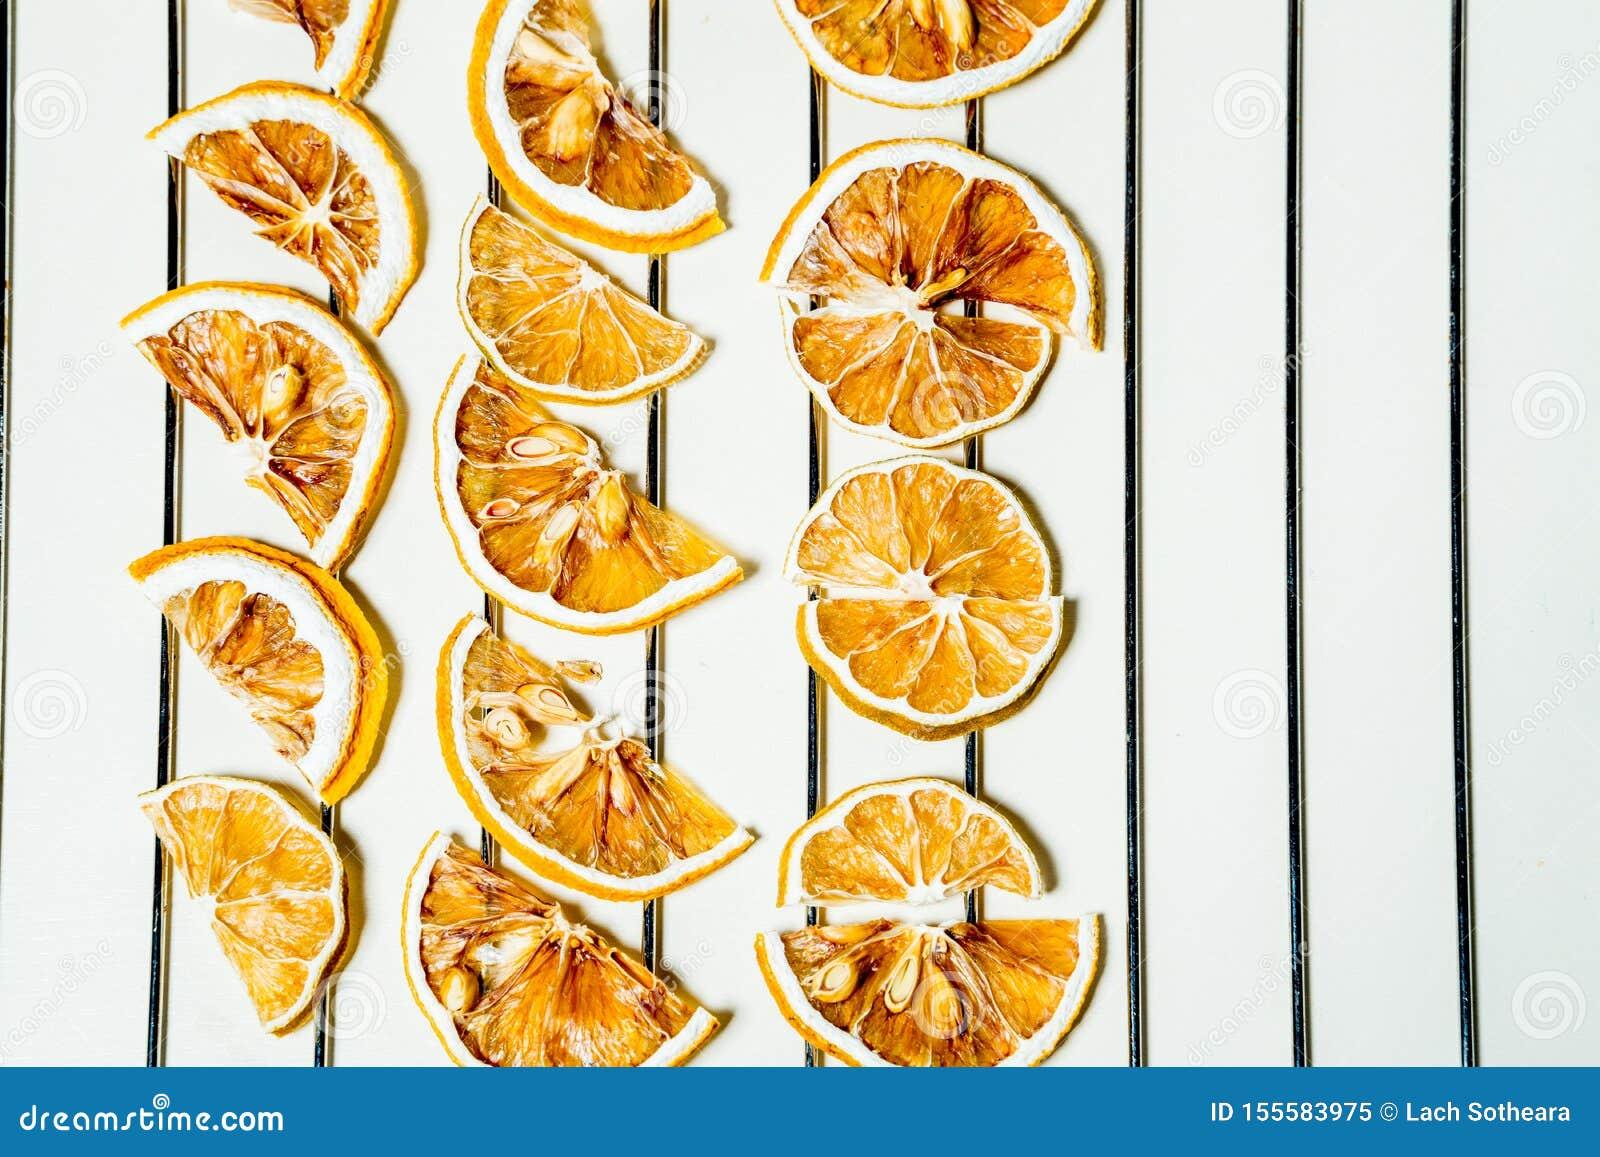 Fetta secca del limone isolata sulla tavola bianca impilata insieme